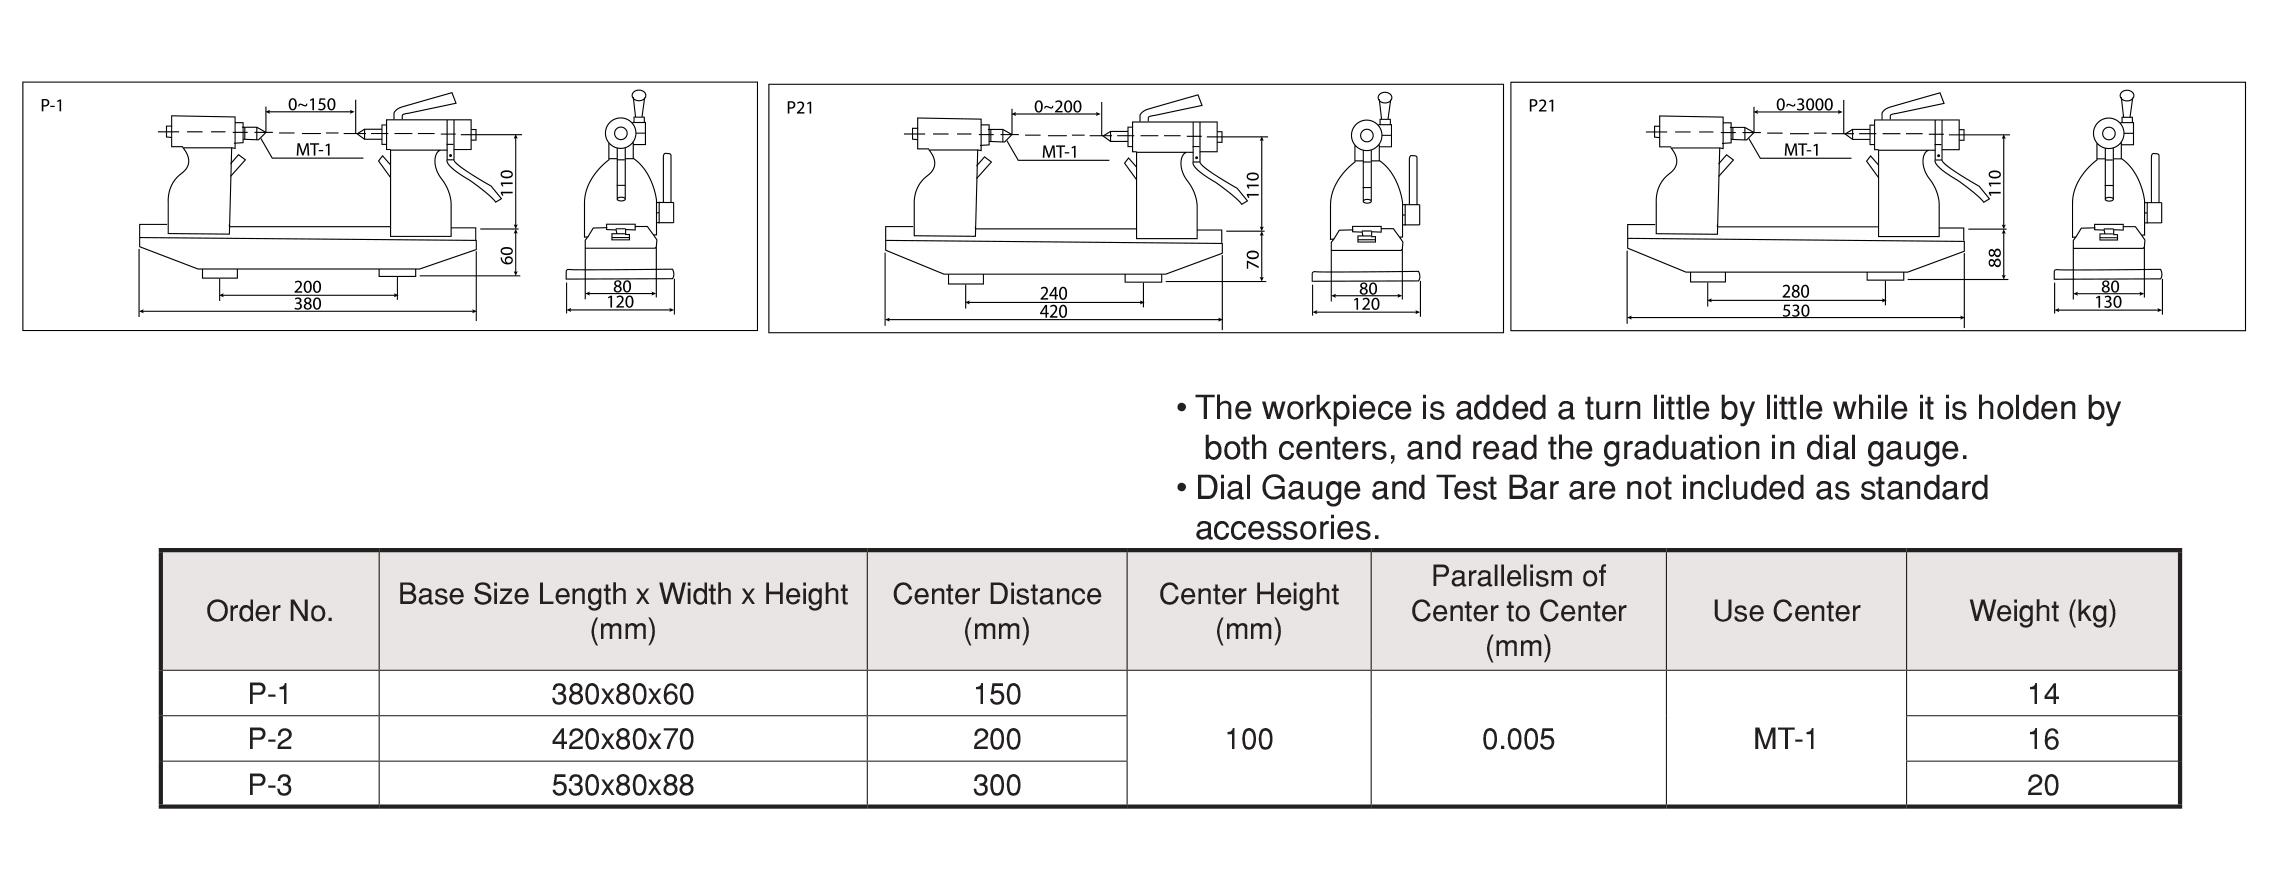 ตัววัดศูนย์เพลา Bench Centers P-type RIKEN table